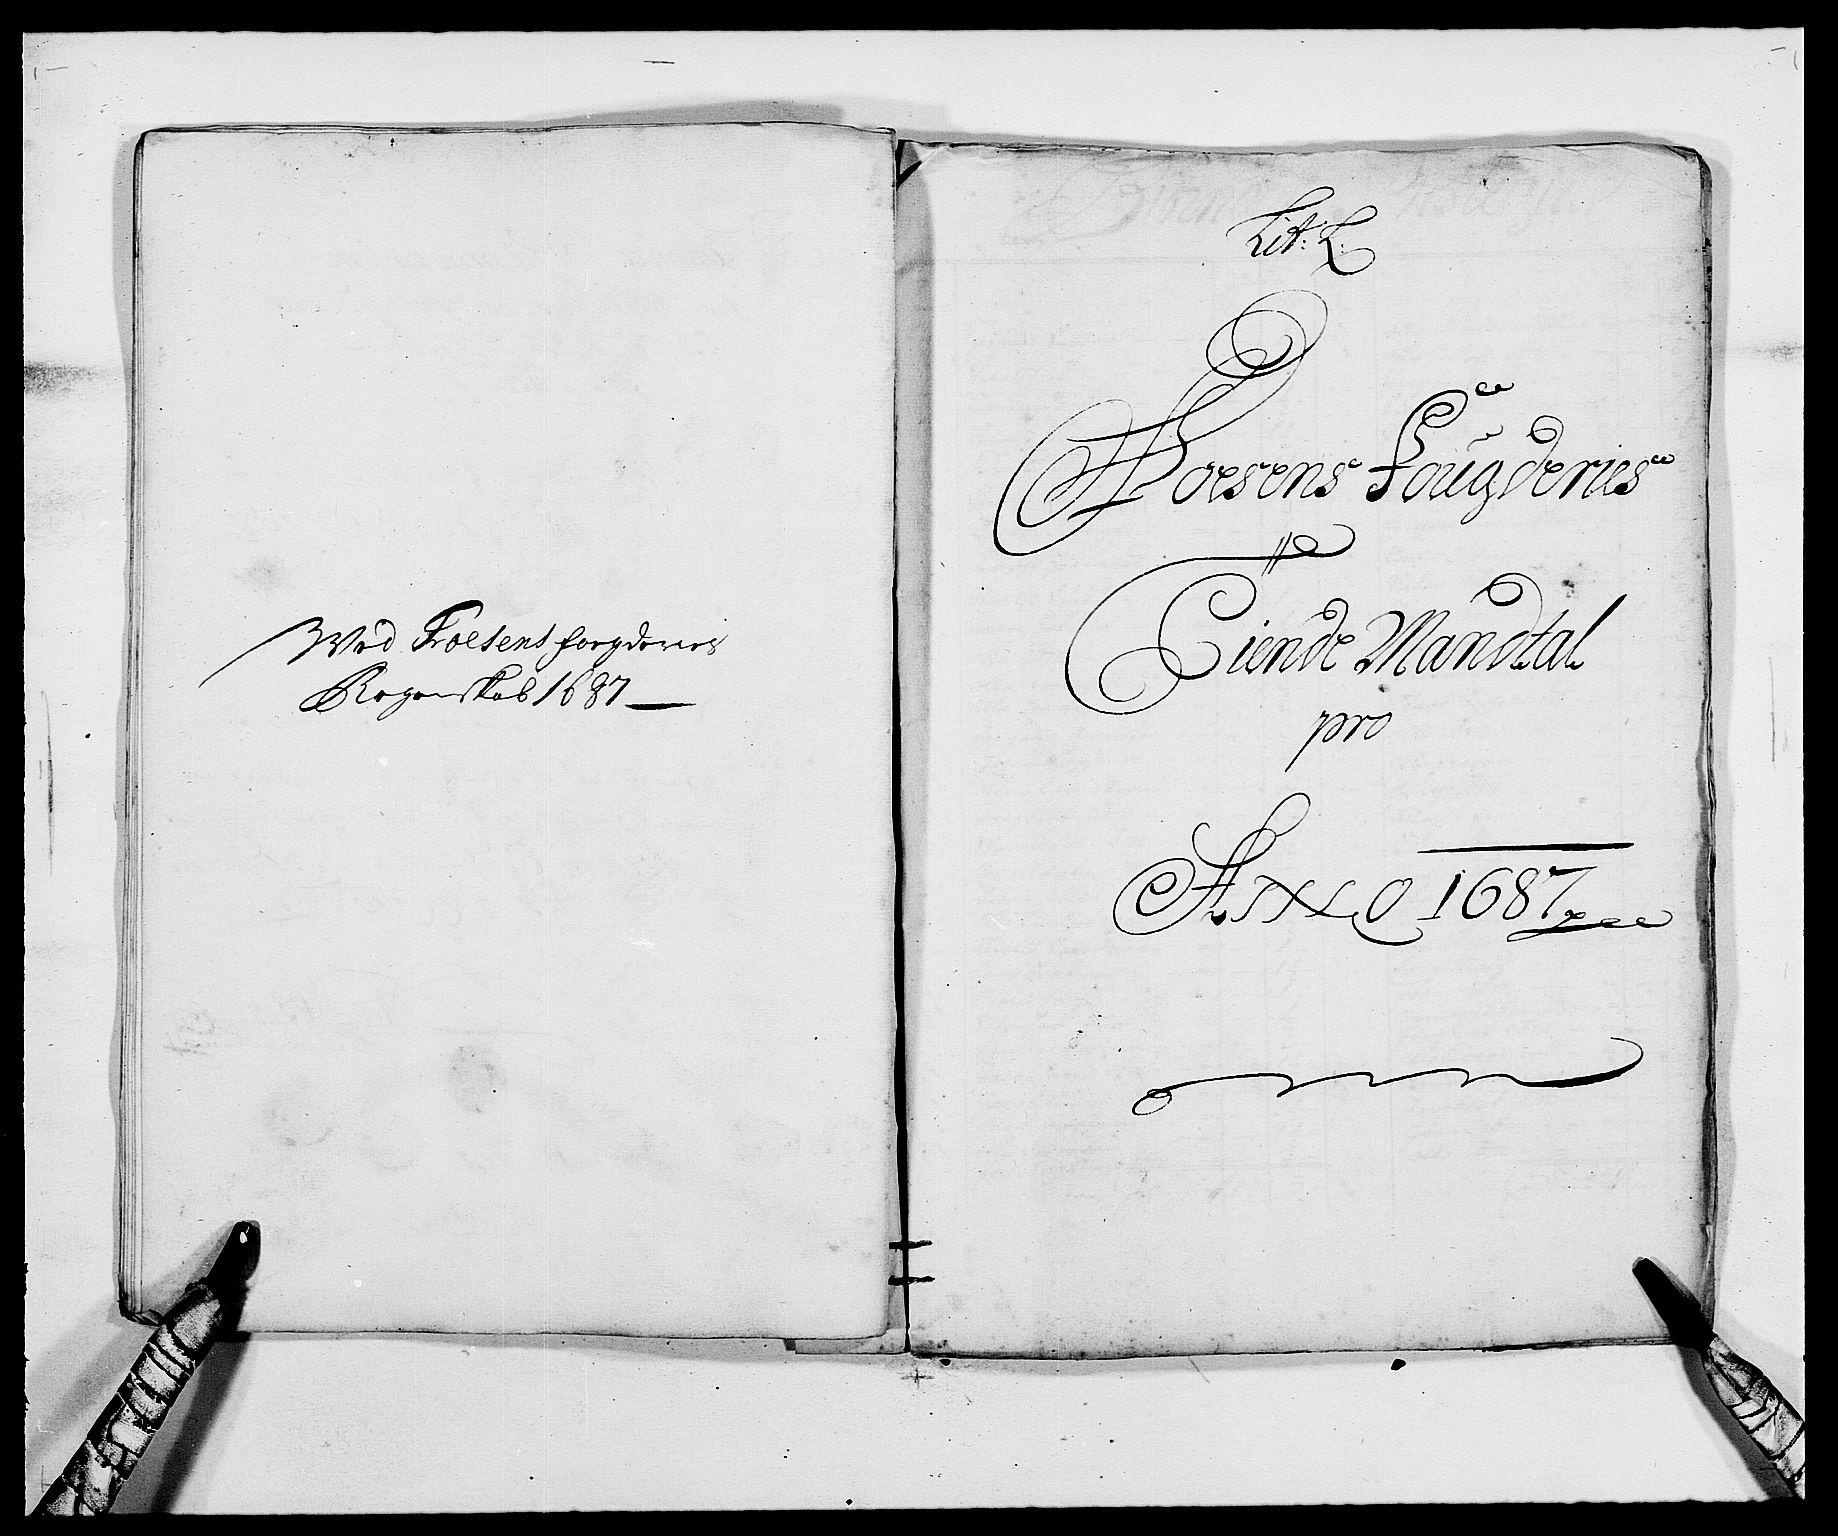 RA, Rentekammeret inntil 1814, Reviderte regnskaper, Fogderegnskap, R57/L3845: Fogderegnskap Fosen, 1687, s. 117